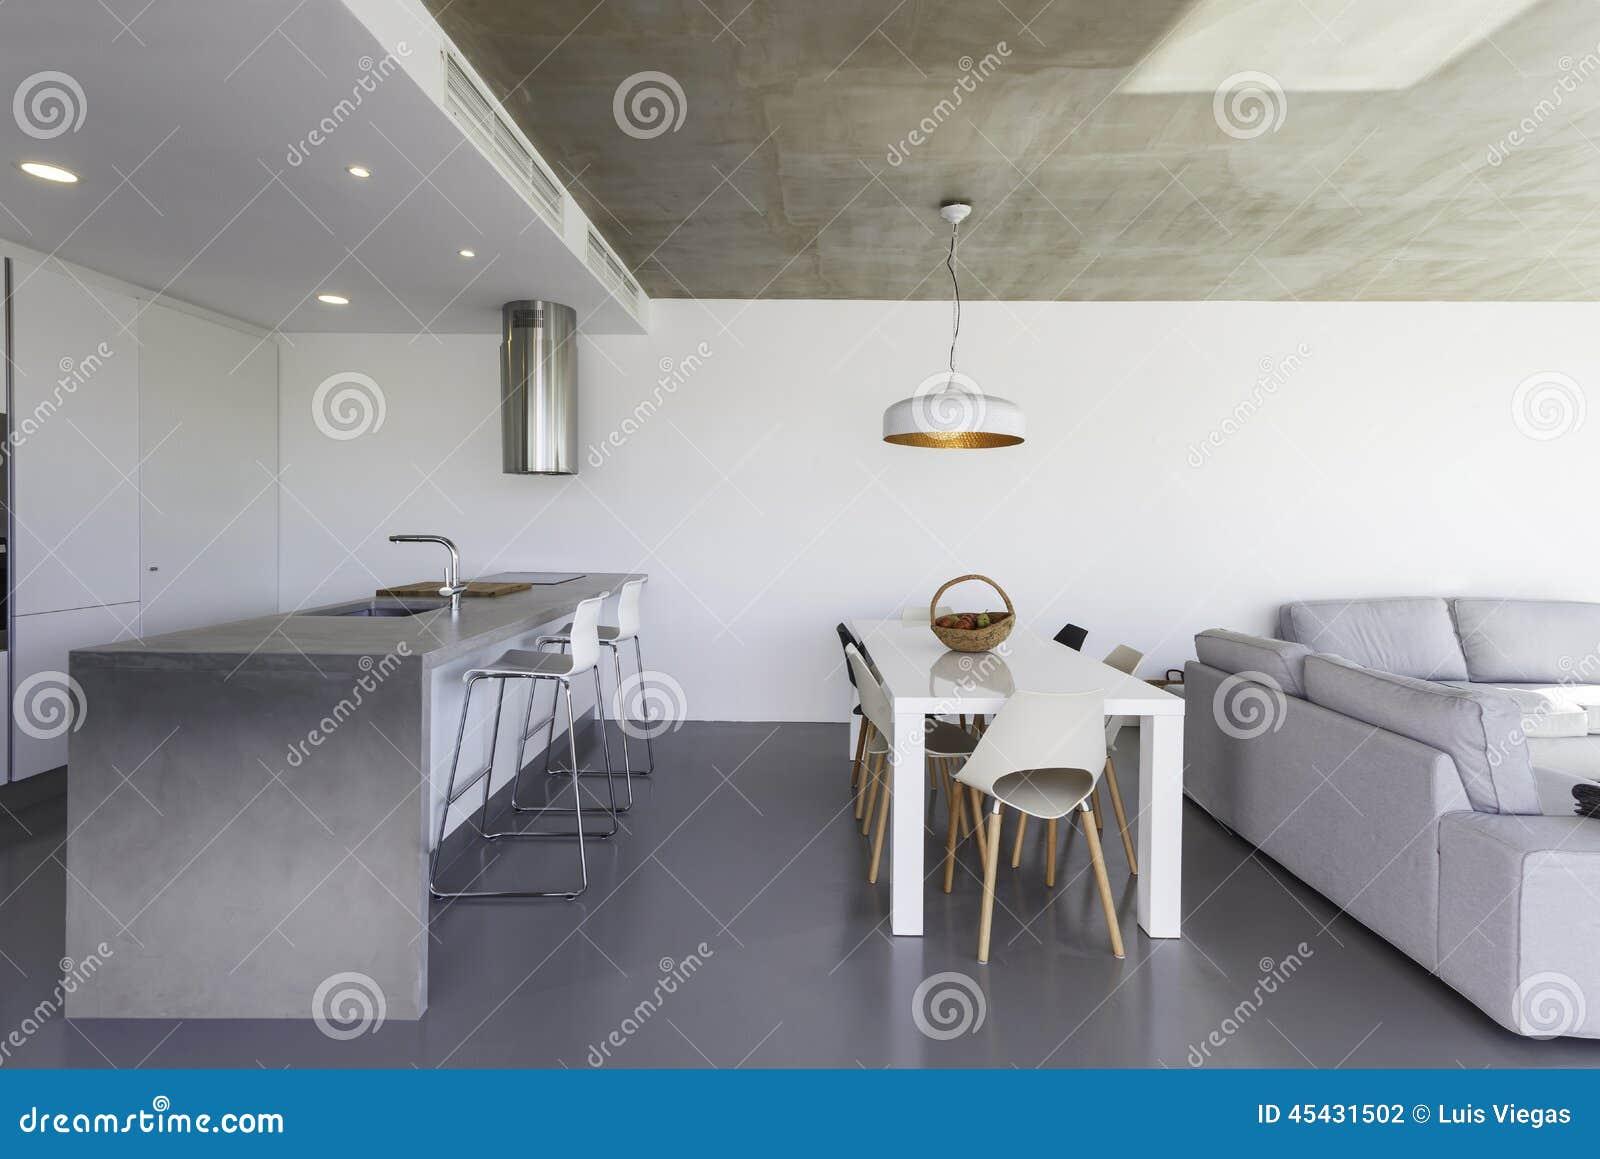 Piastrelle parete cucina. excellent piastrelle da parete piastrelle